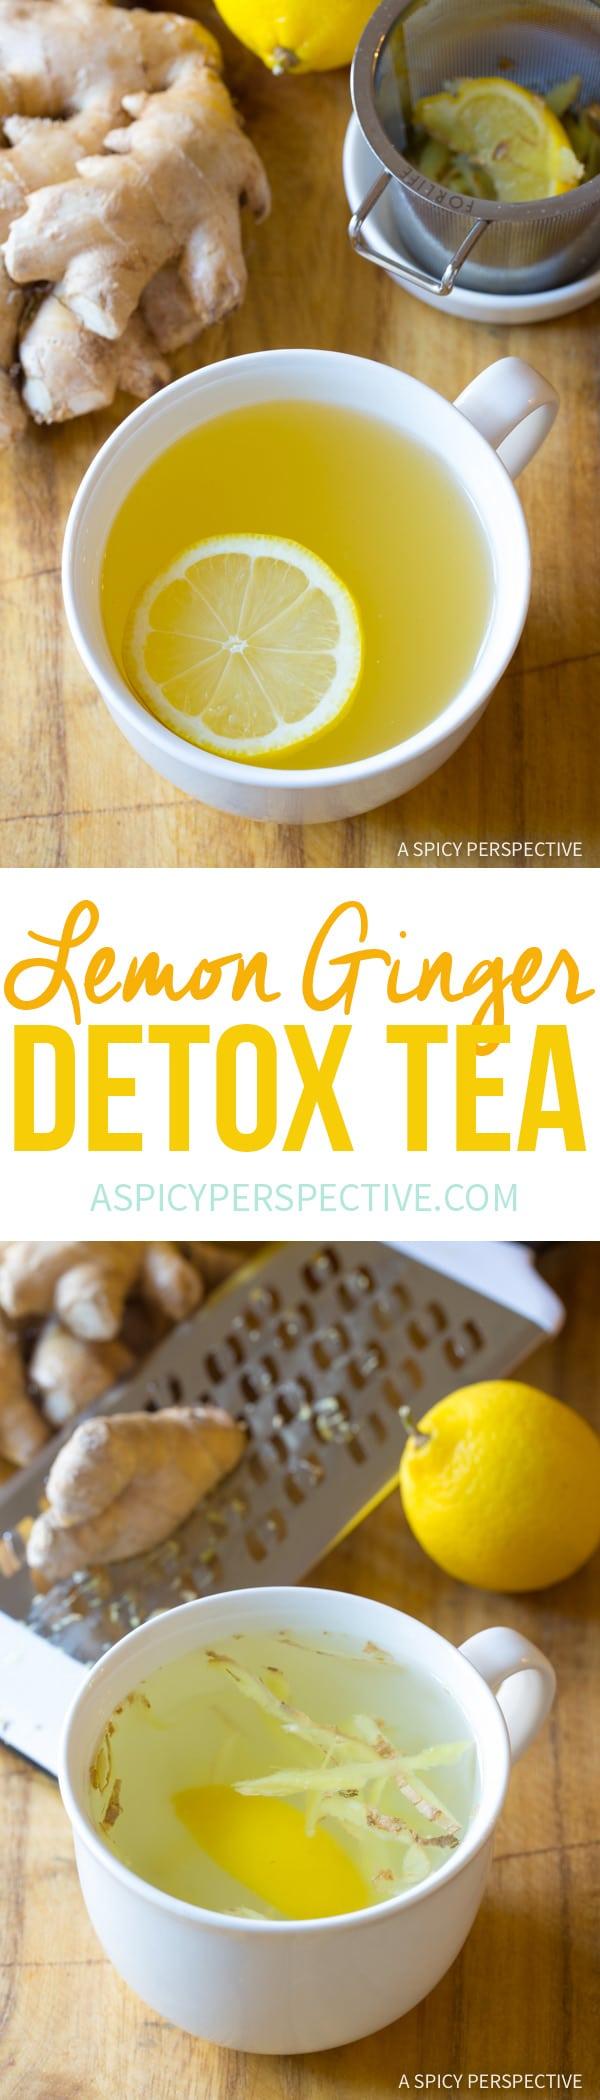 The Best Lemon Ginger Detox Tea Recipe